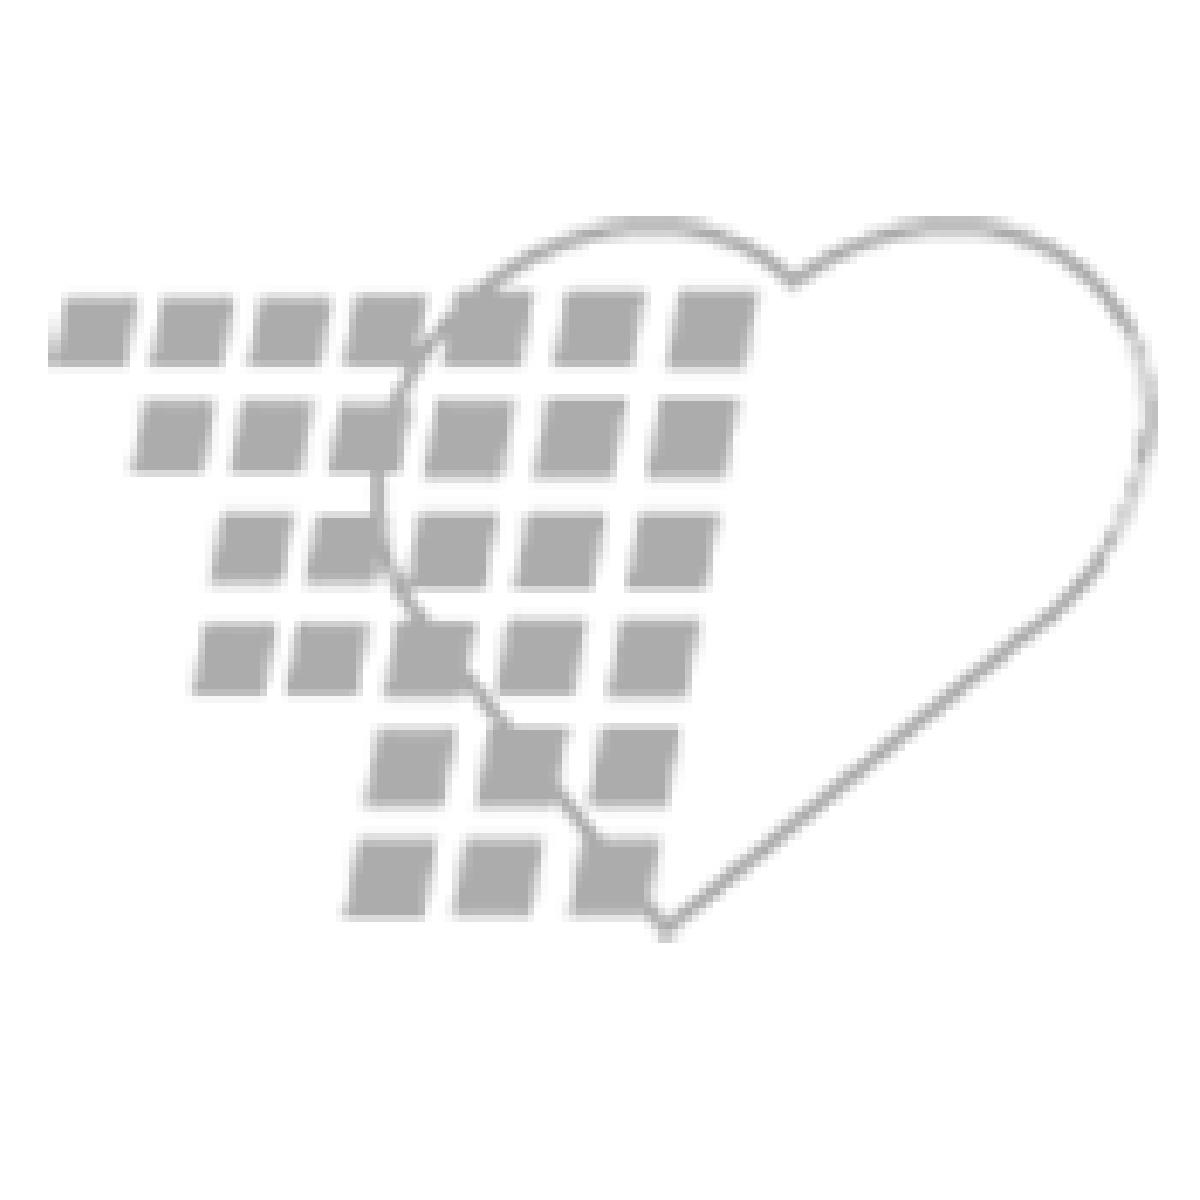 06-21-4051 Micro Hematocrit Capillary Tube Heparinized